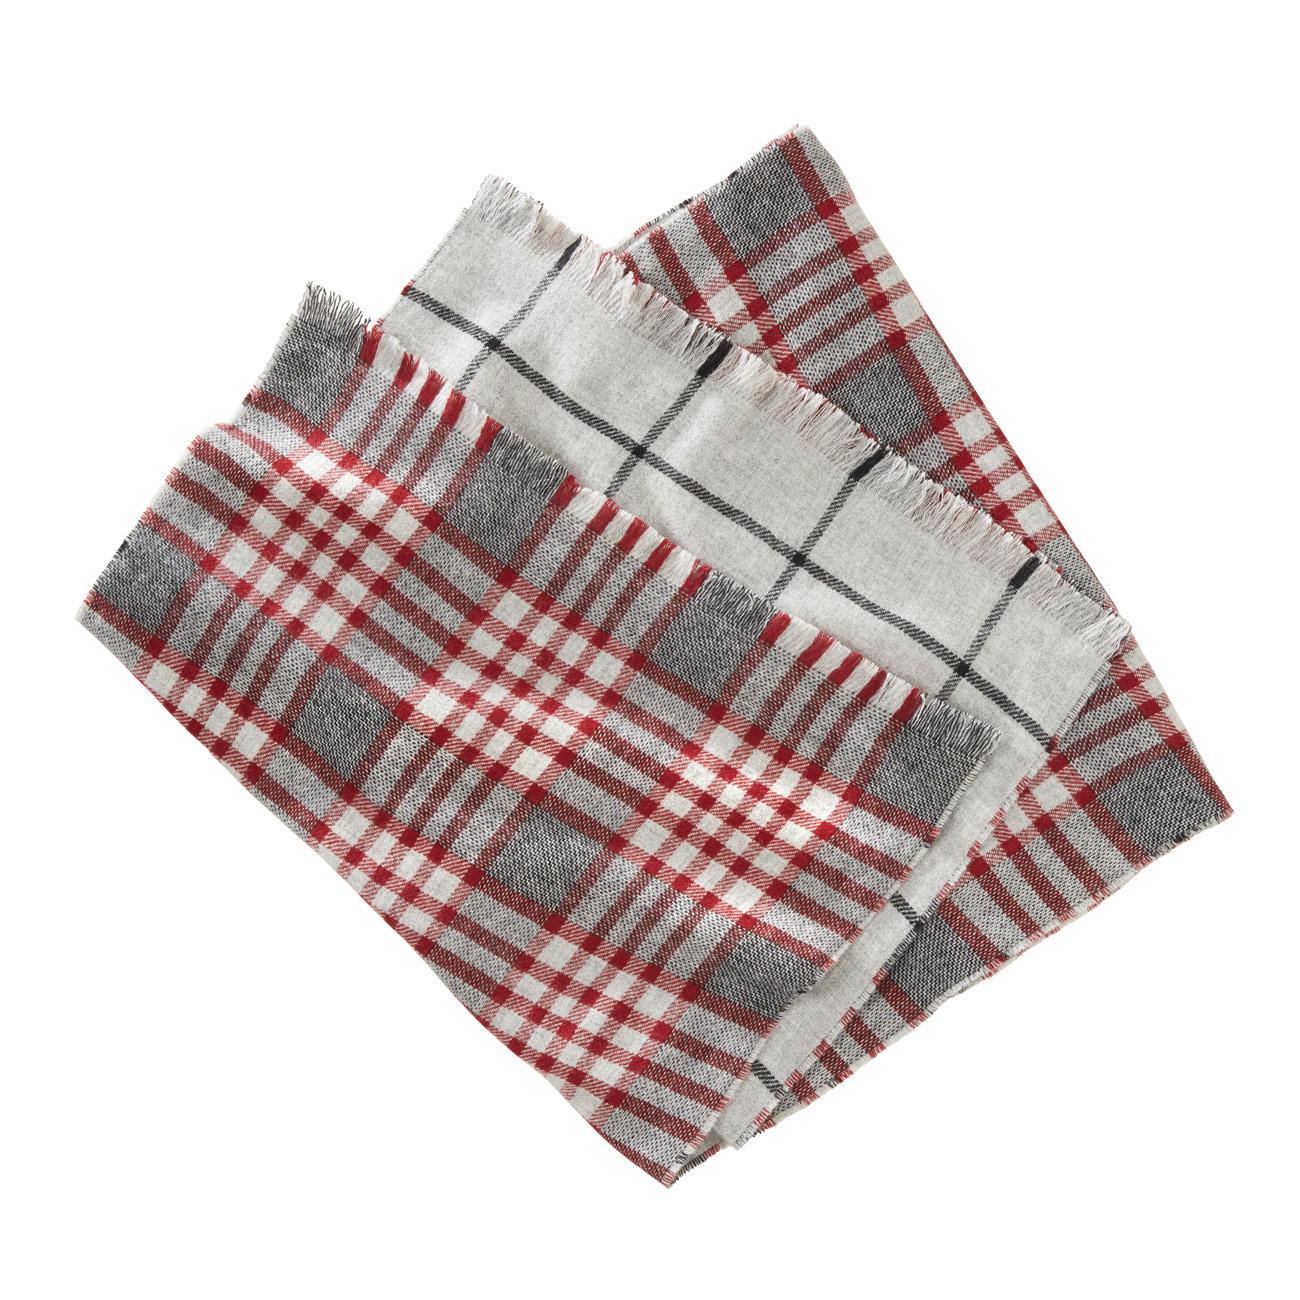 Écharpe double face à carreaux Johnstons, rouge gris - Une belle écharpe  double face. Deux motifs classiques. Par Johnstons of Elgin, Écosse. acae32548b0